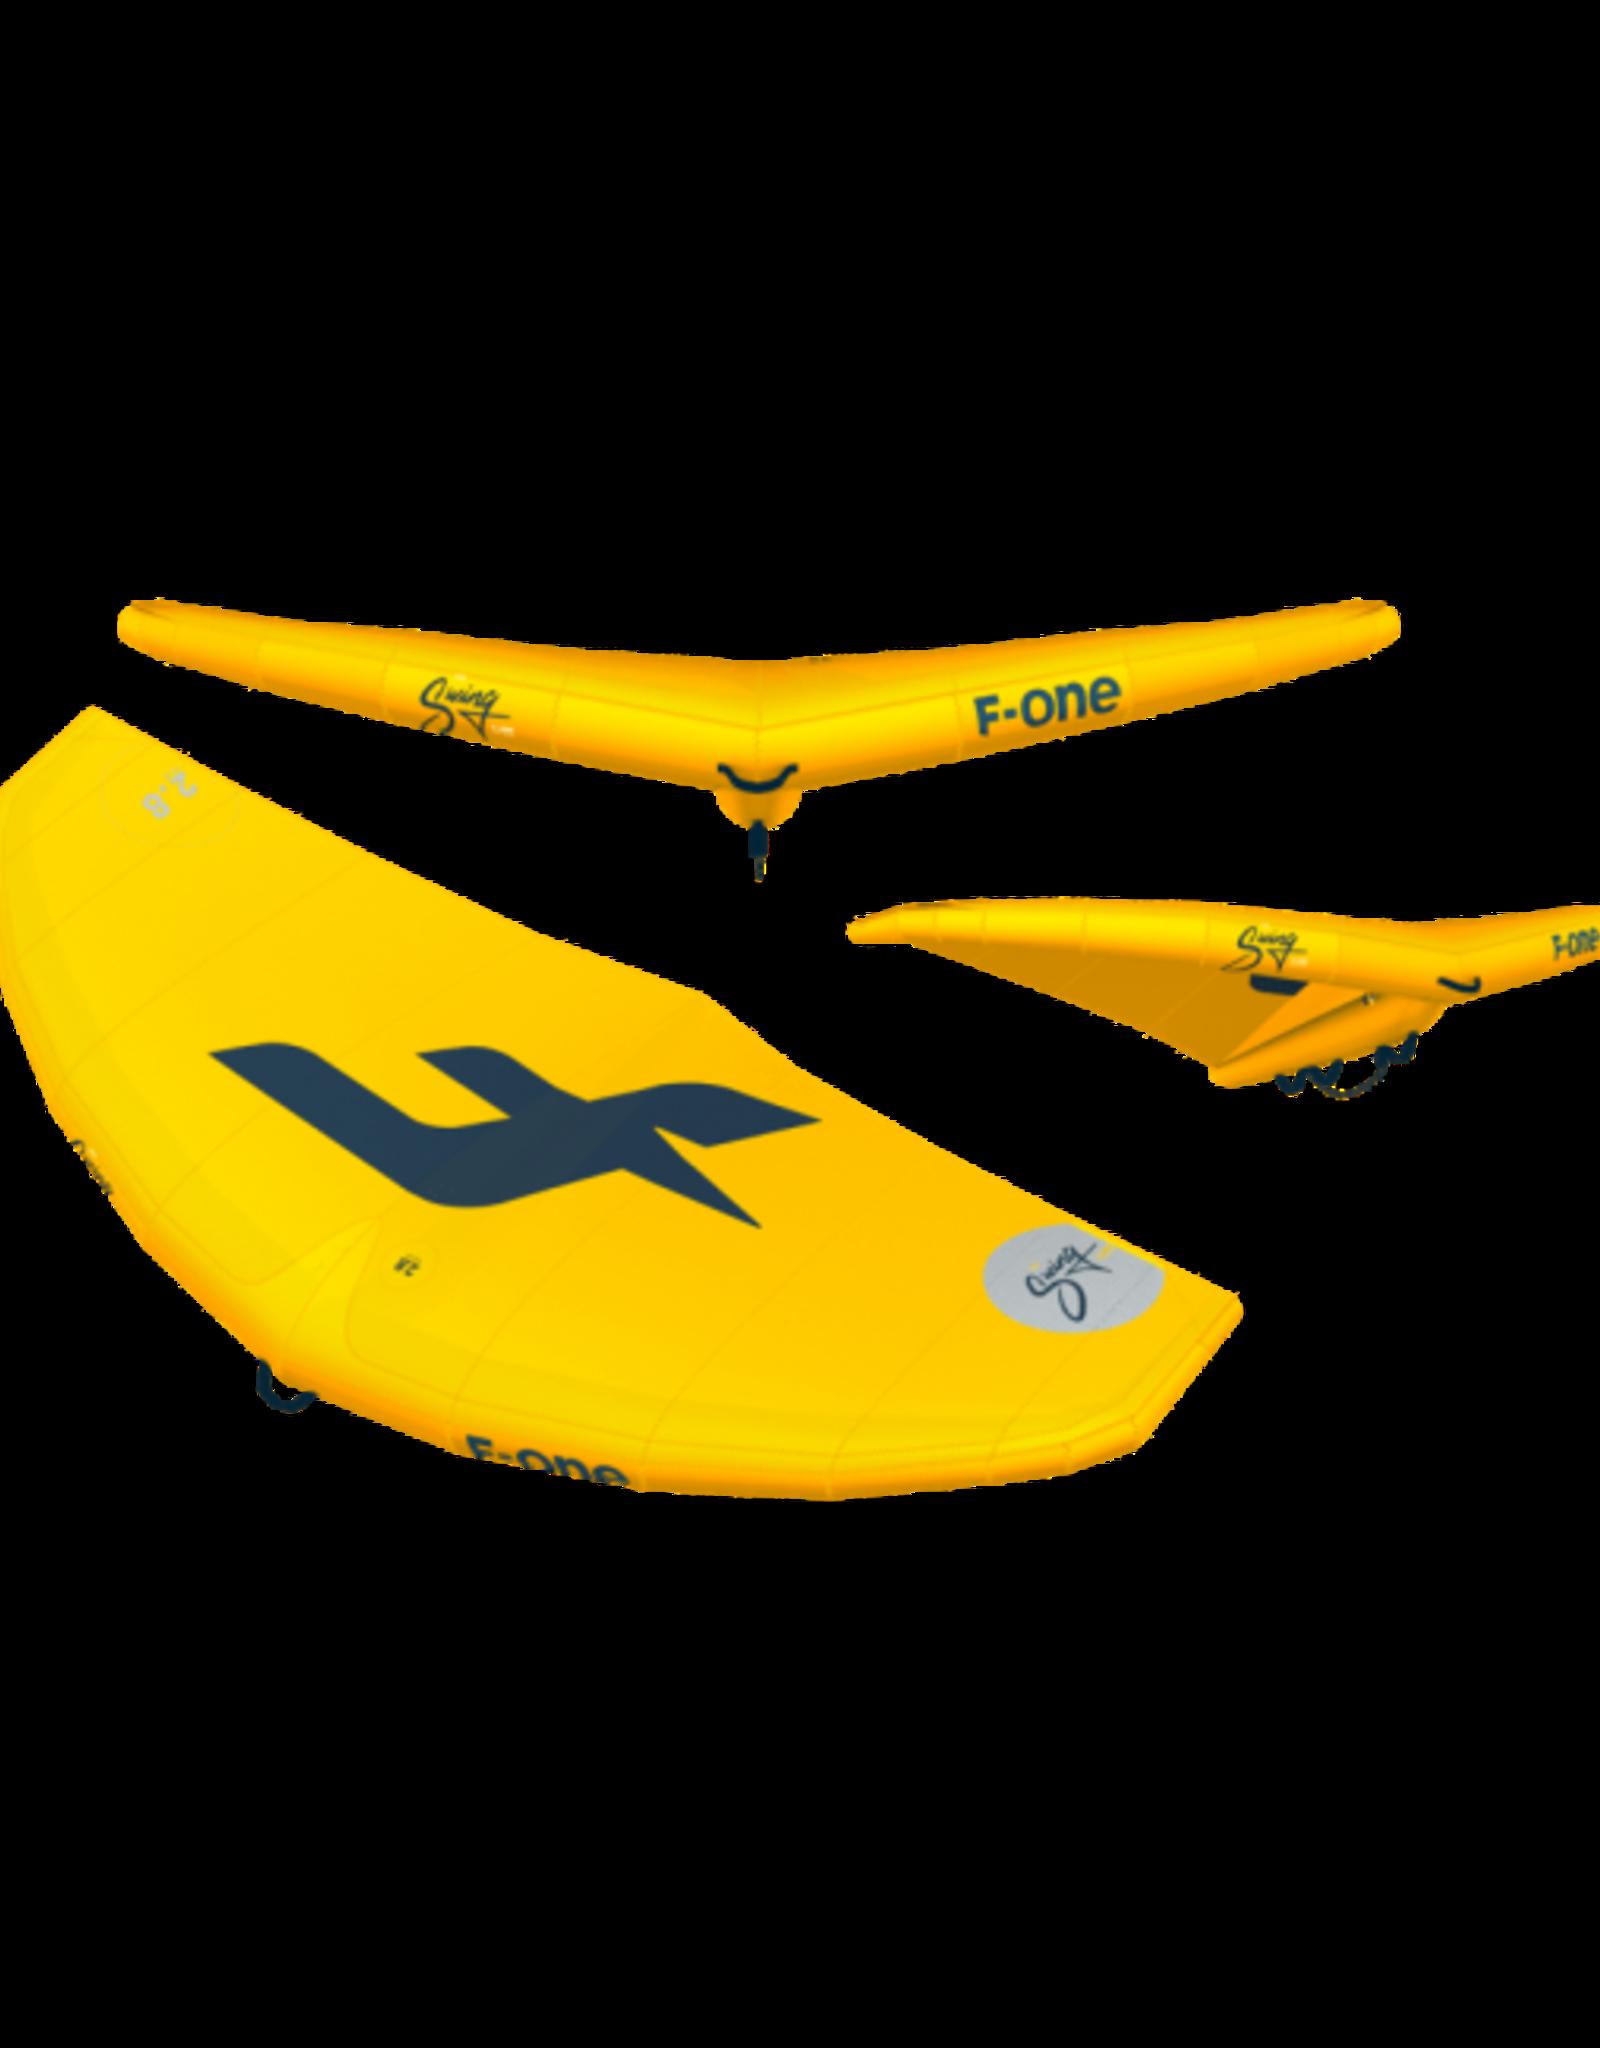 F-One F-ONE SWING  6m Mango Slate